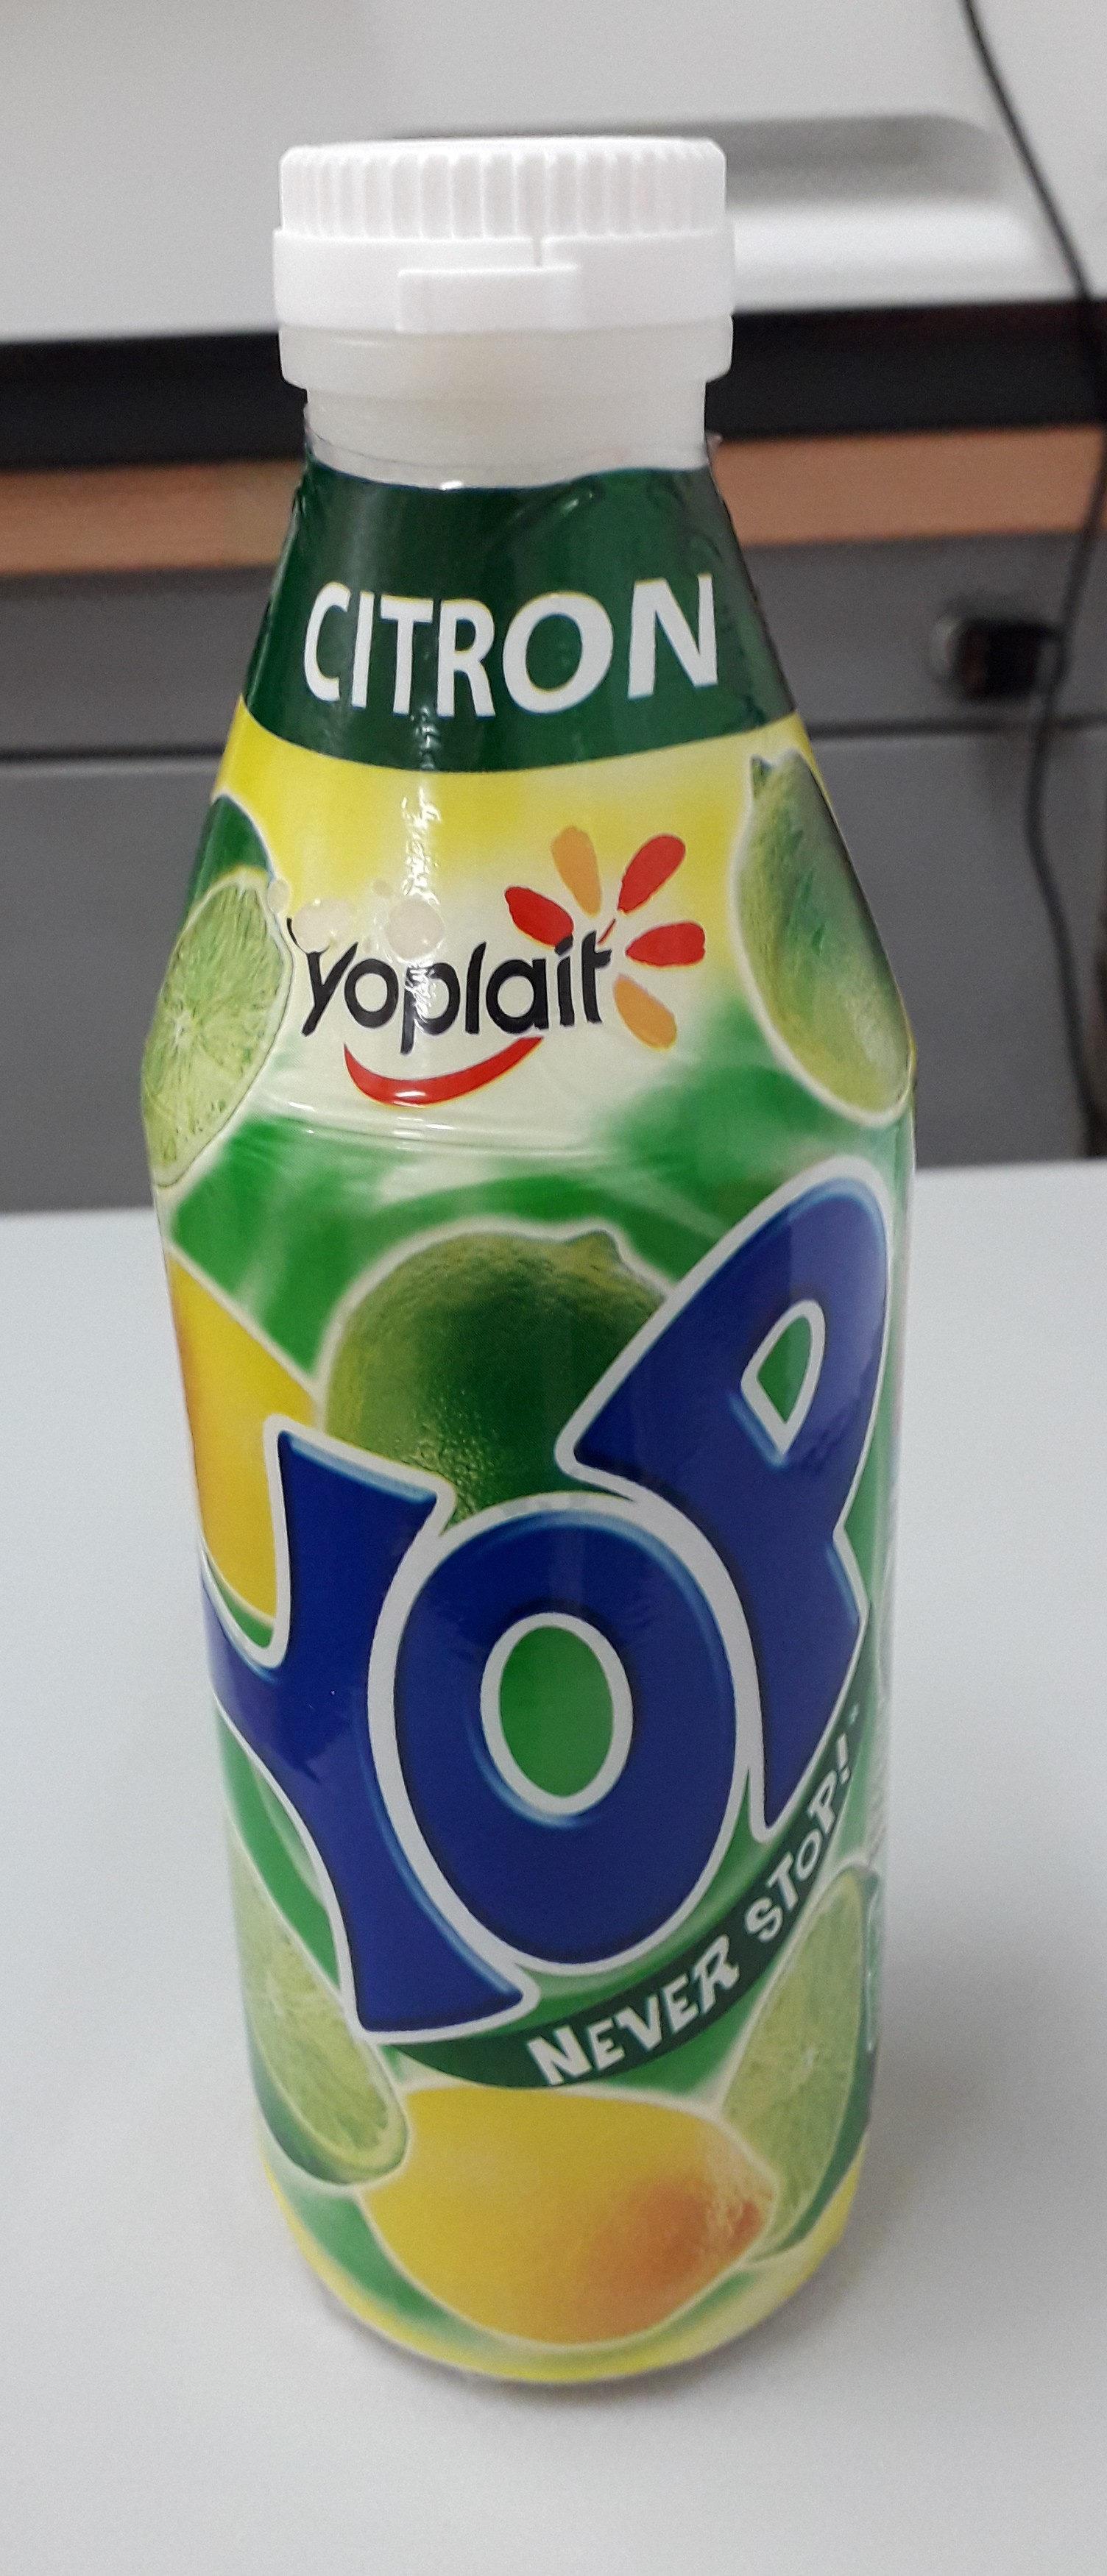 Yaourt à boire pulpe de citron YOP citron - Product - fr